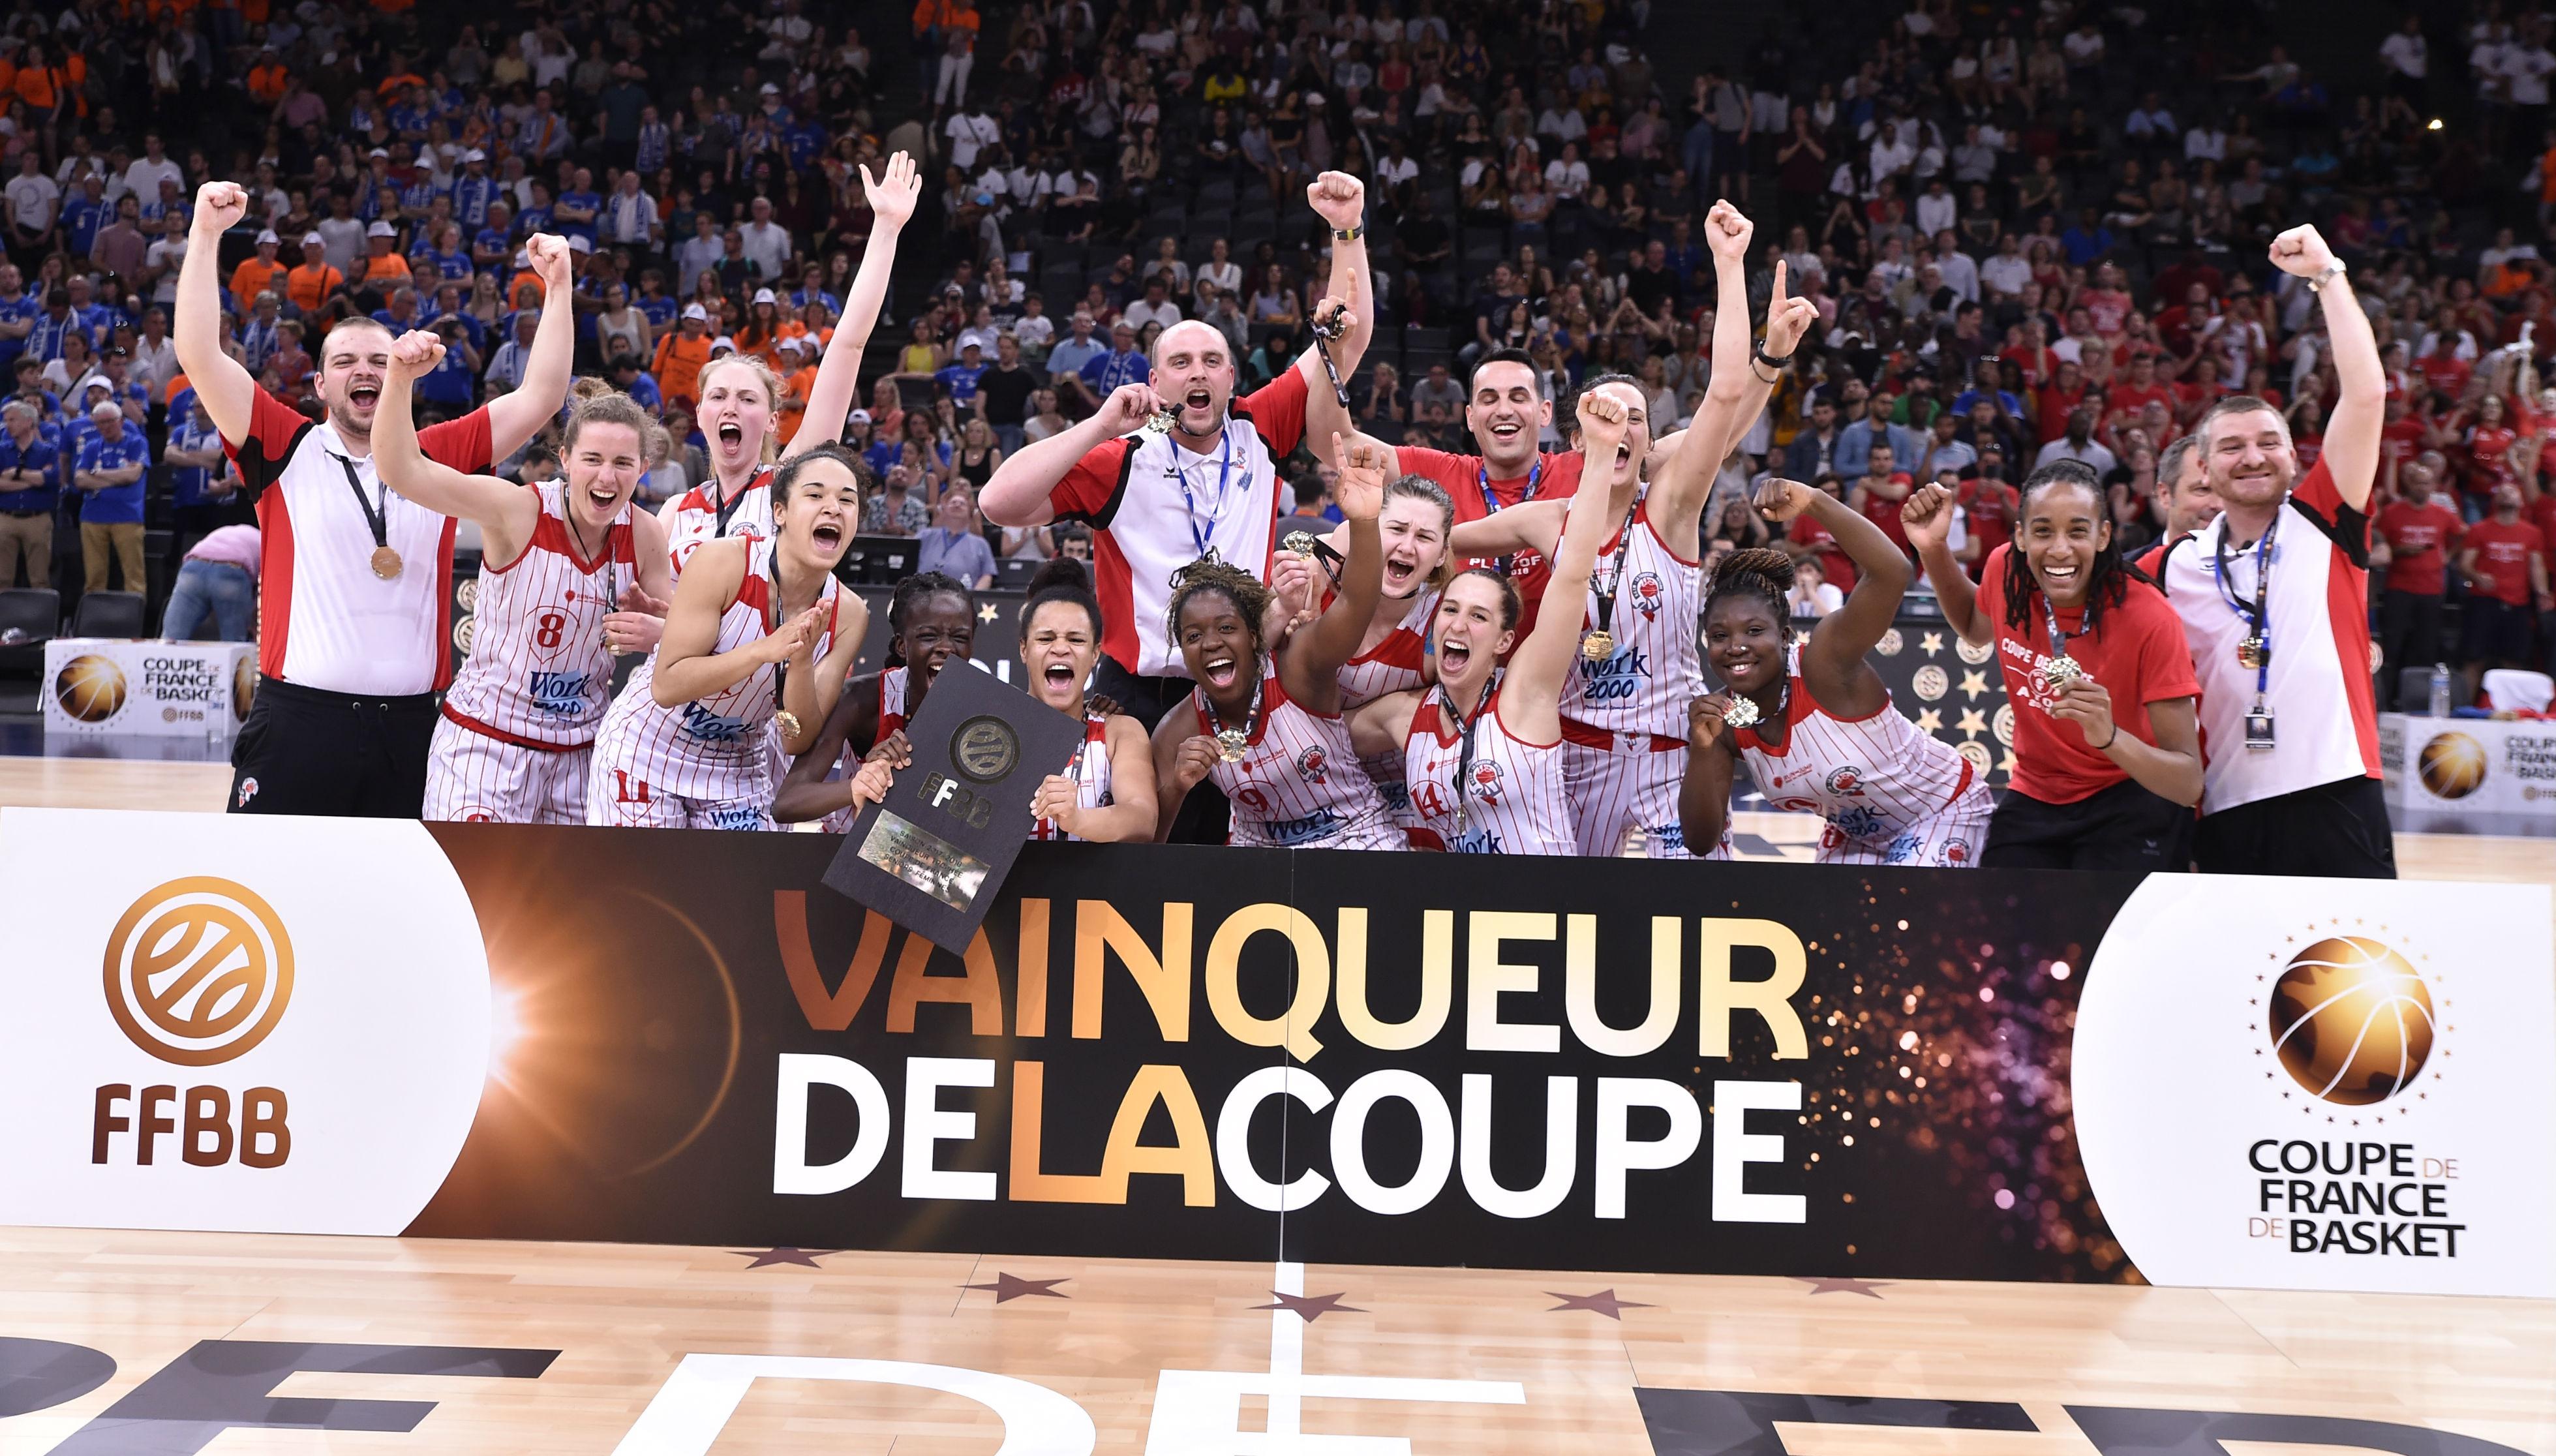 La tronche meylan au paradis ffbb - Finale coupe de france basket feminin ...